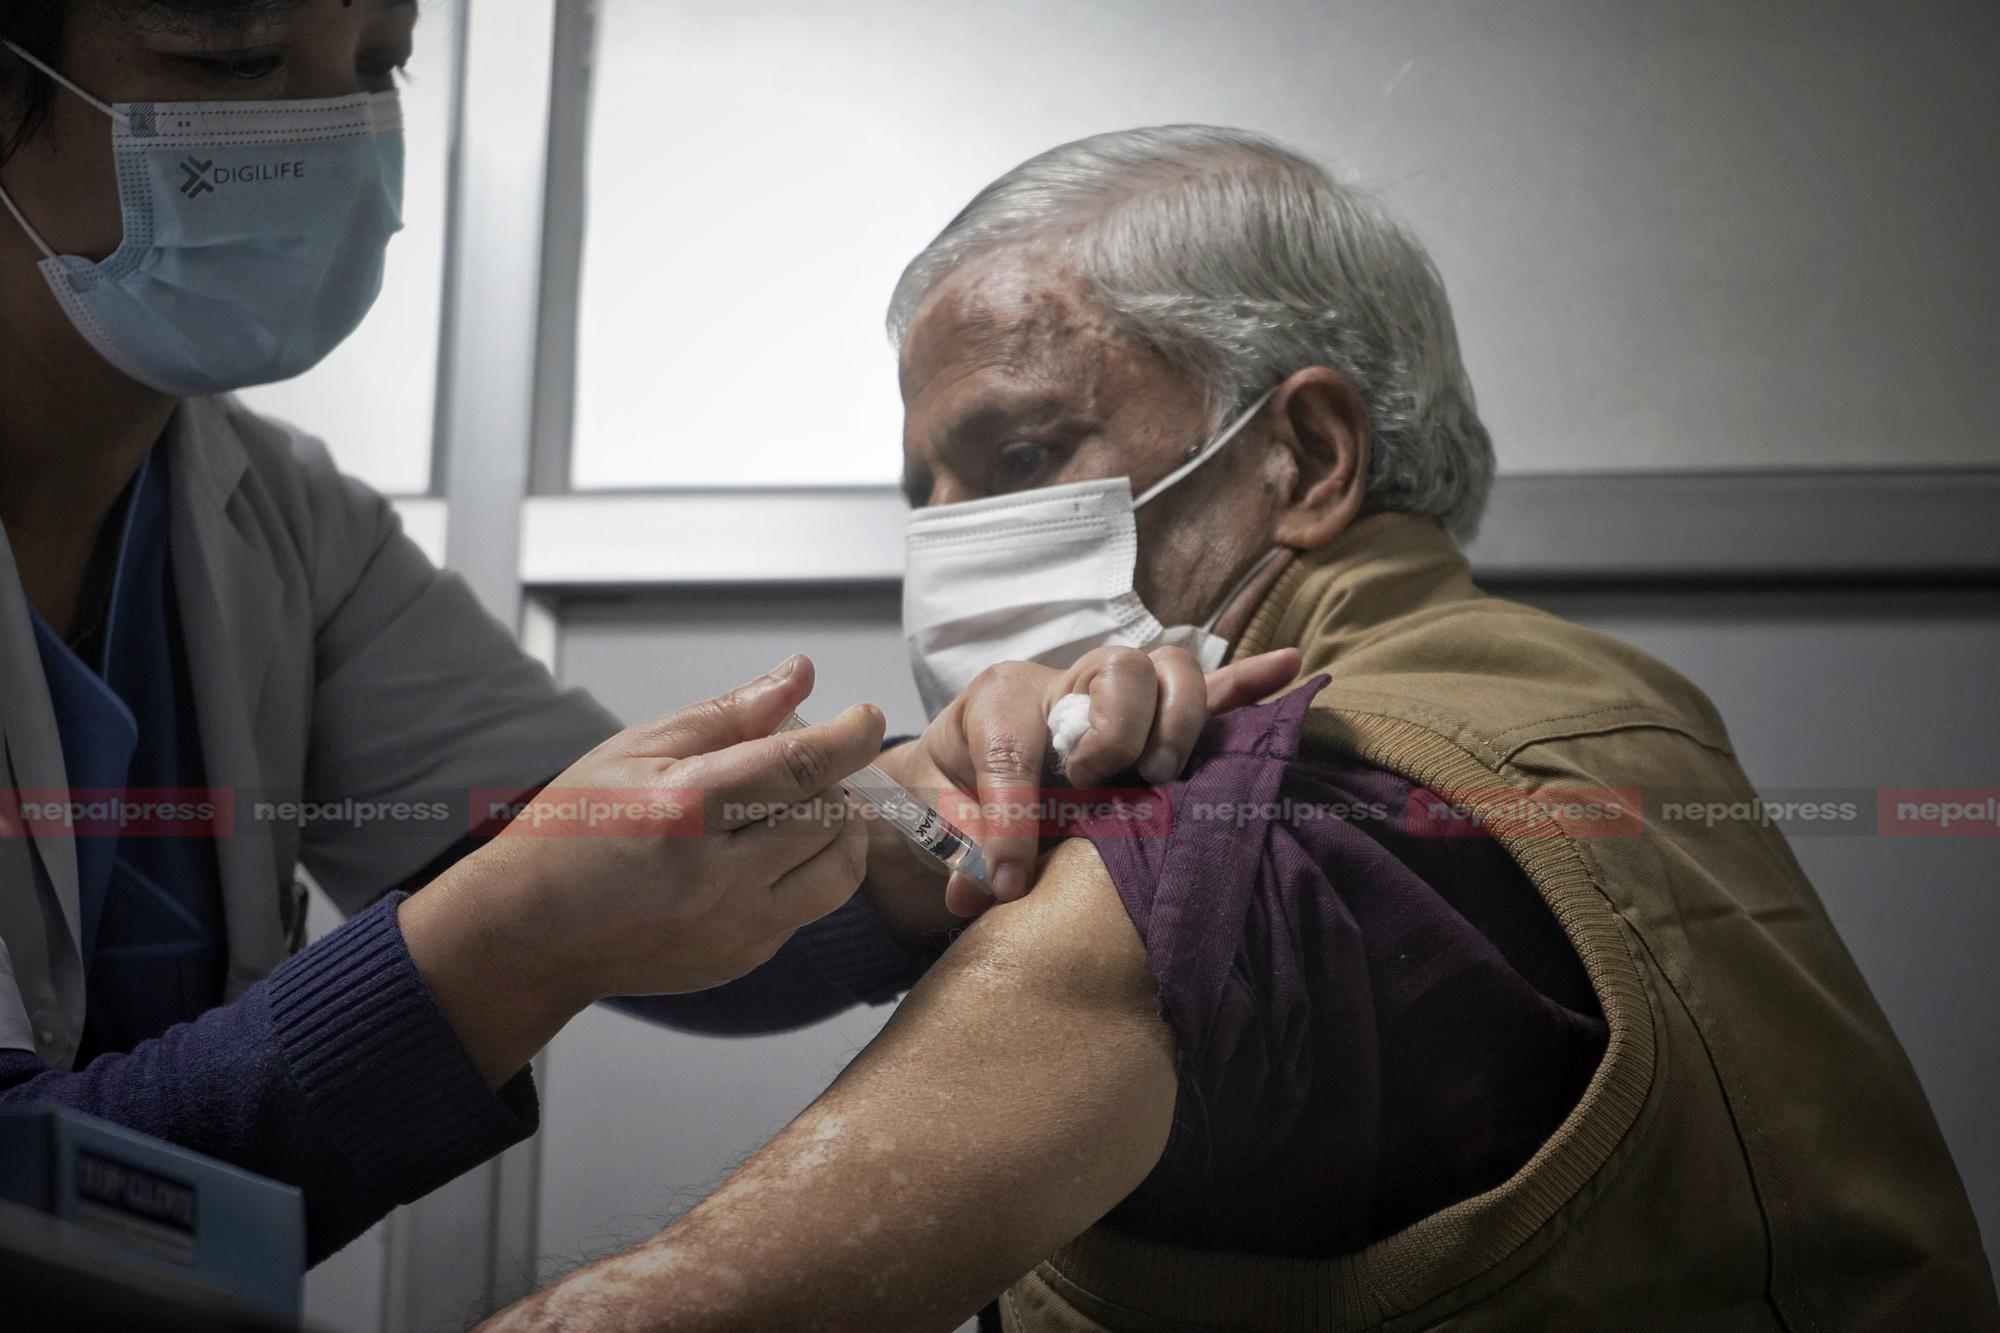 ललितपुरमा ७७ वर्ष माथिकालाई भोलिदेखि कोभिशिल्डको दोस्रो डोज दिँइदै